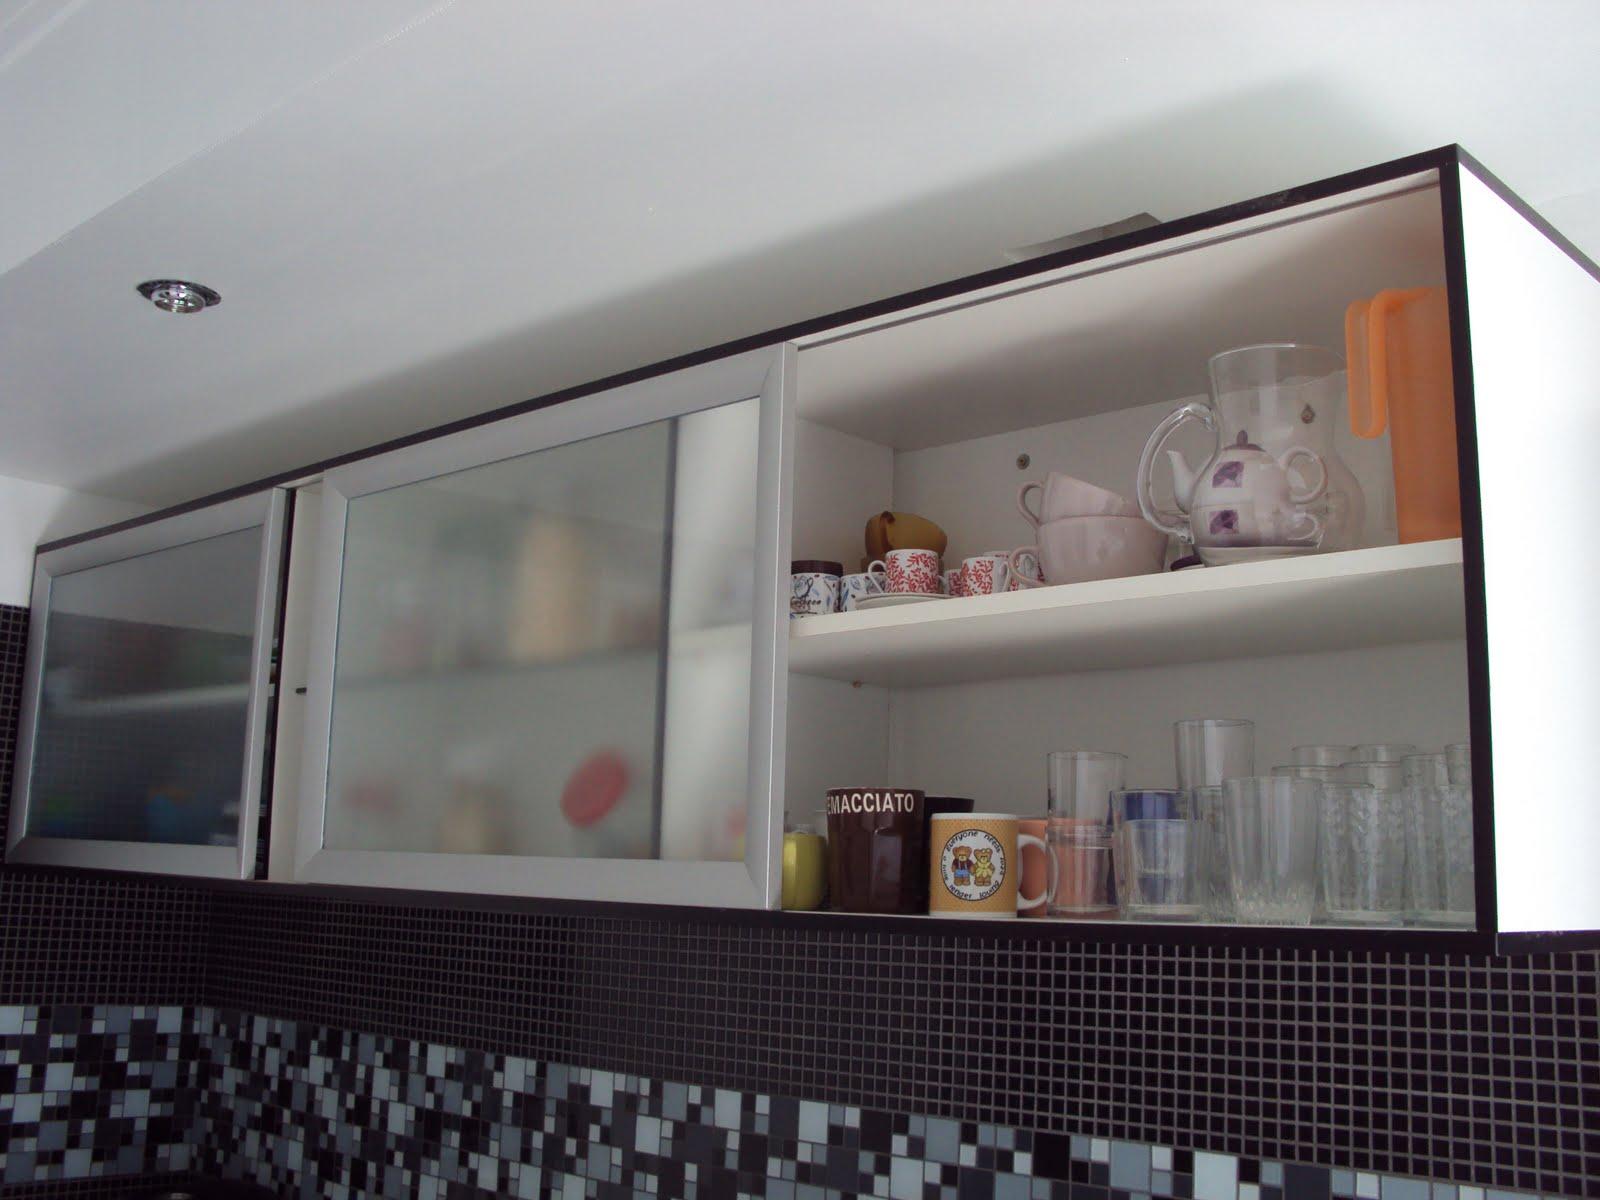 reforma da cozinha  se fosse na minha casa  Página 2 # Armario De Cozinha Feito Por Marceneiro